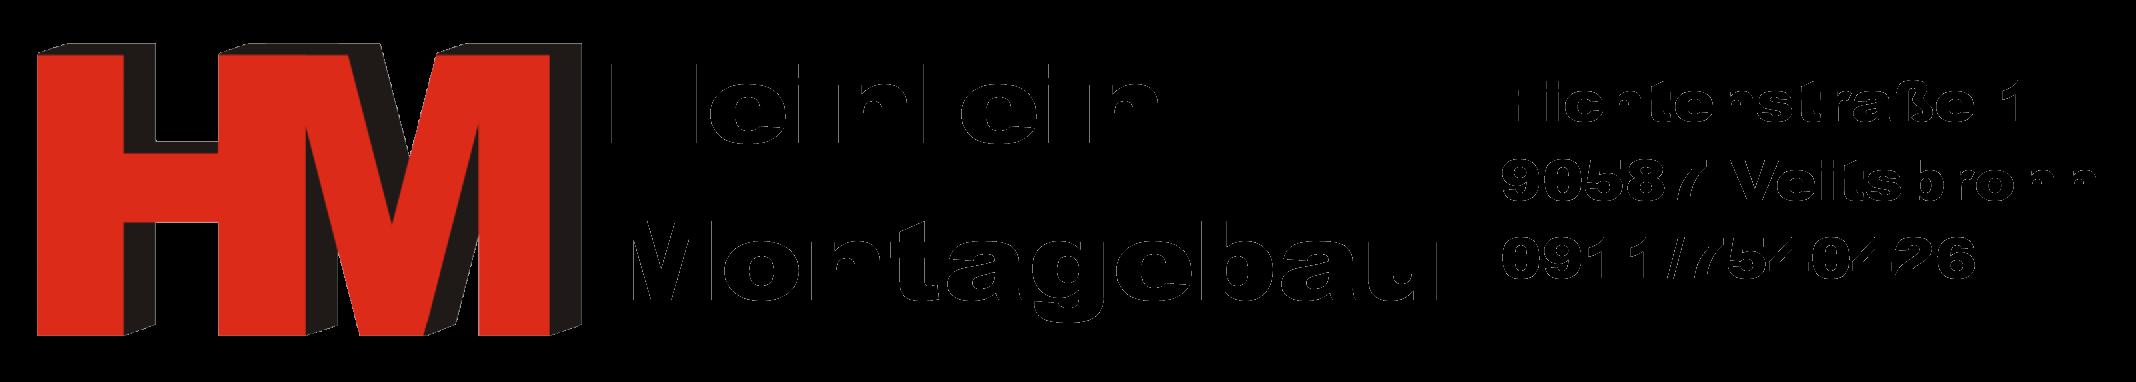 Heinlein Montagebau